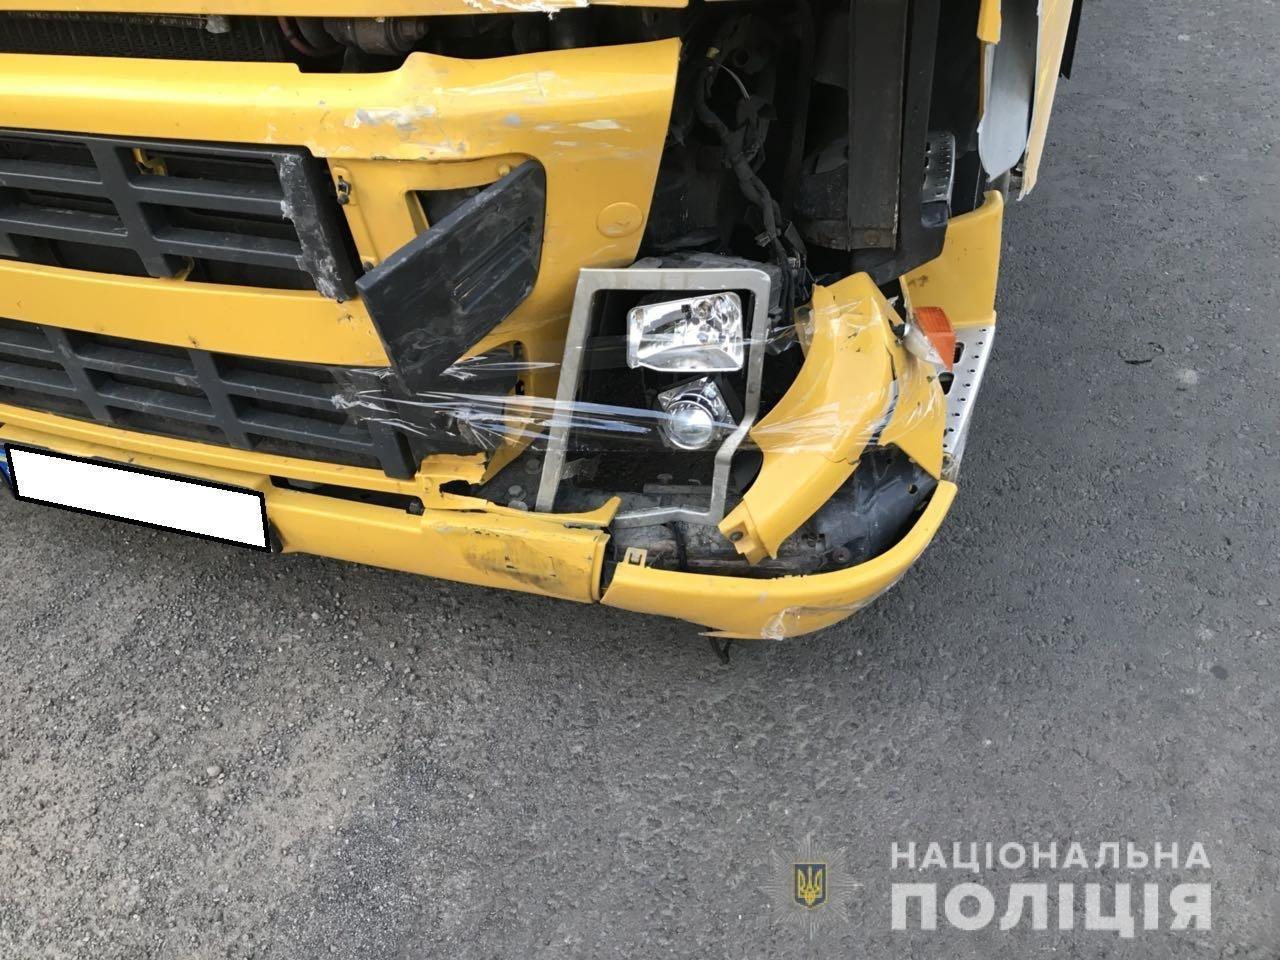 На трасі біля Ужгорода п'яний водій на вантажівці зніс «Daewoo Lanos», 8-річна дівчинка в лікарні (УСІ ПОДРОБИЦІ, ФОТО, ВІДЕО), фото-3